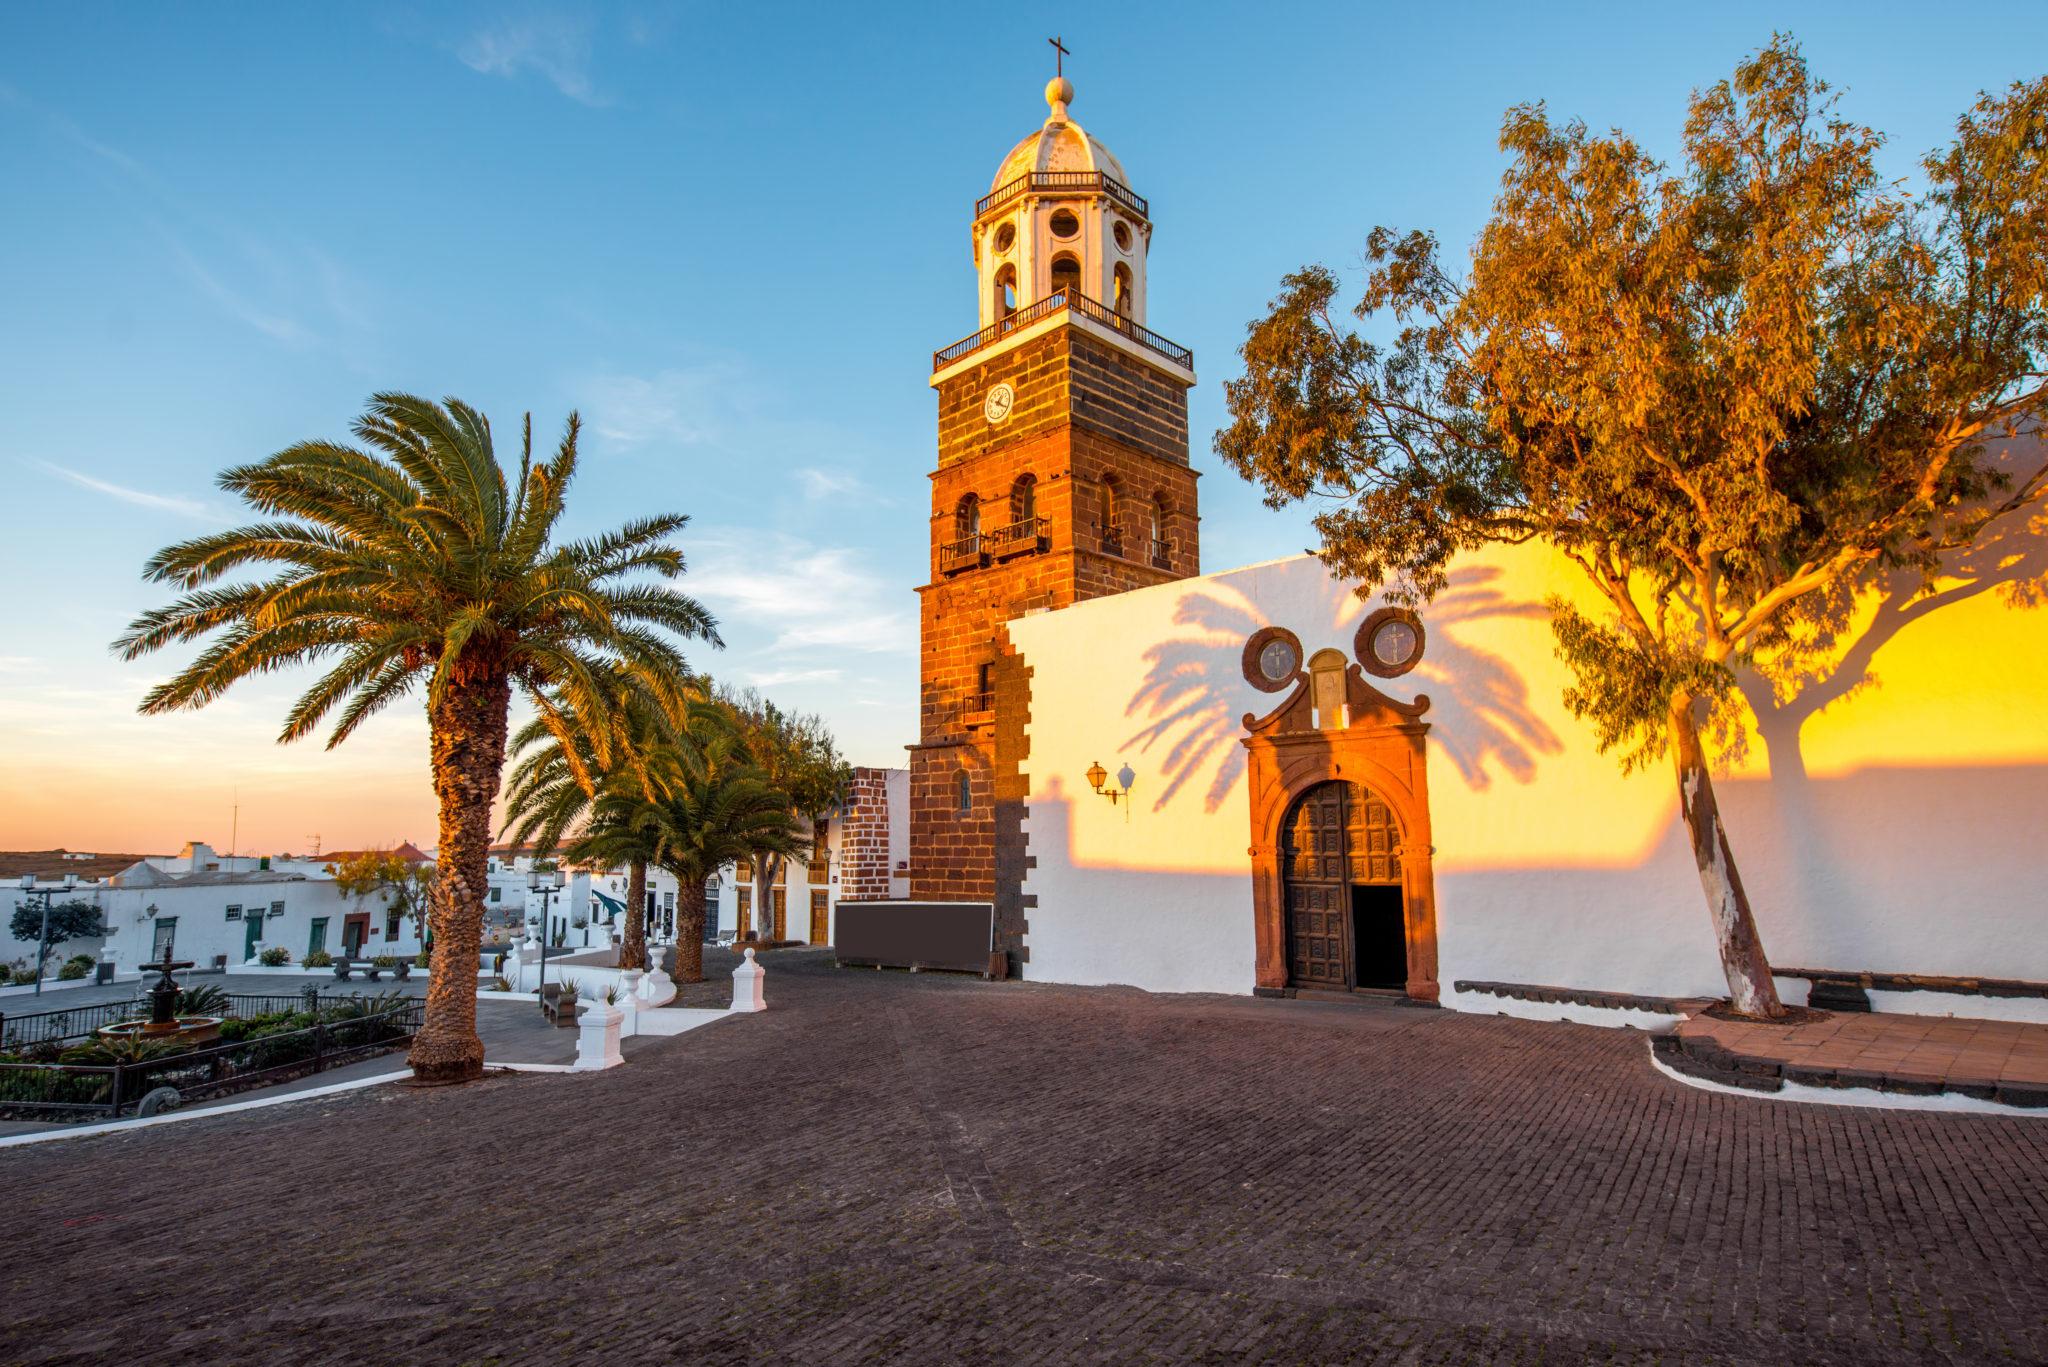 Der schöne Ort Teguise auf Lanzarote